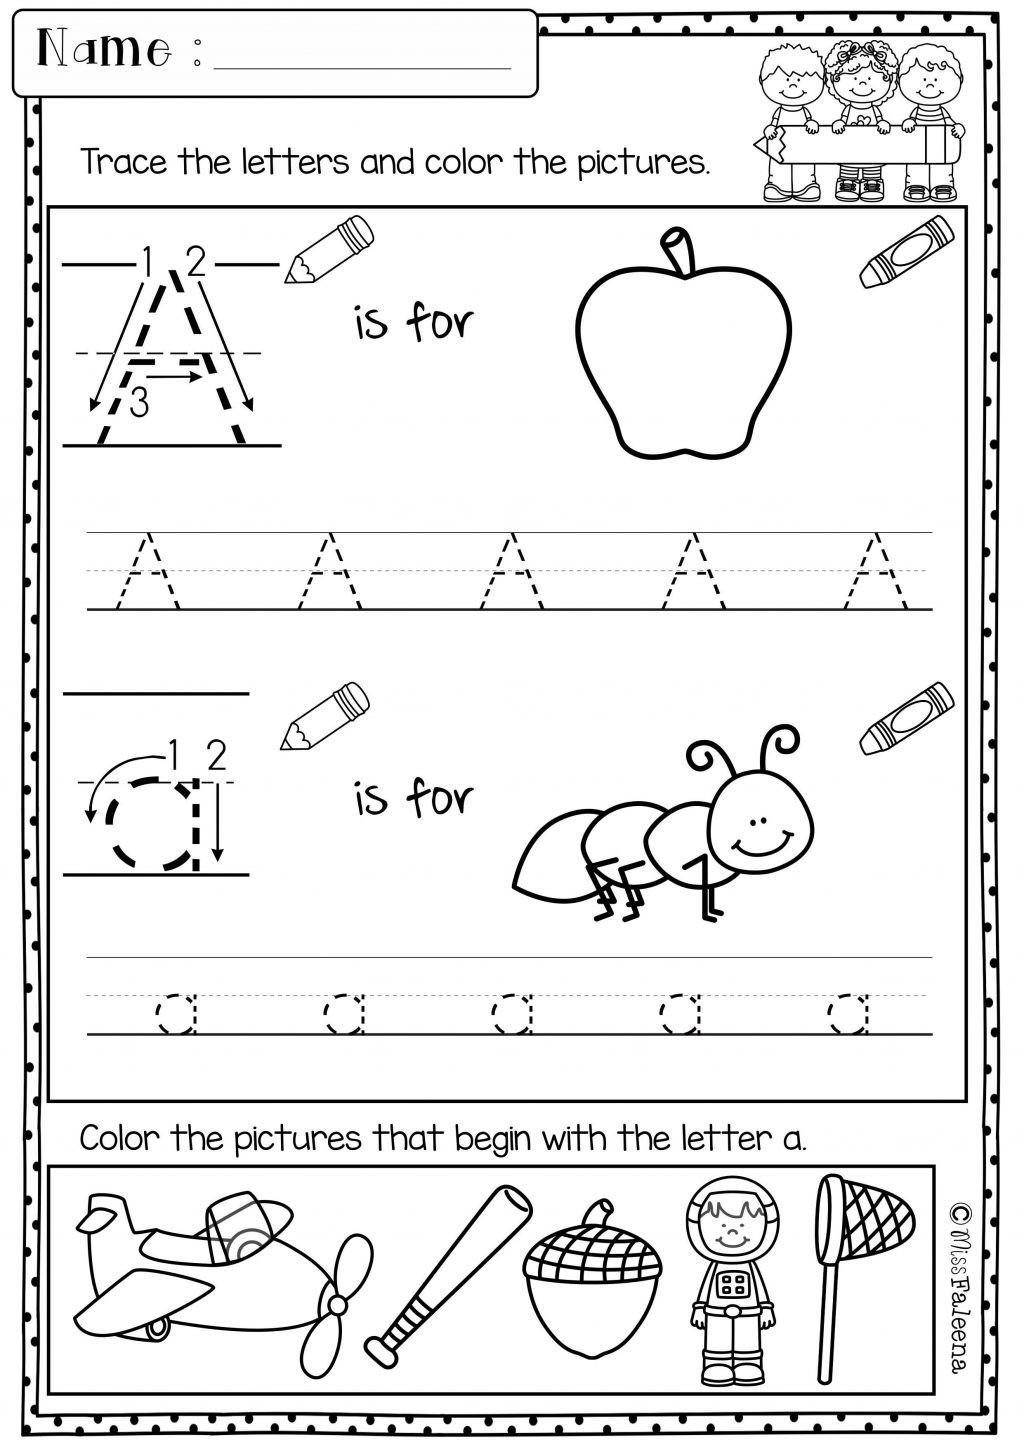 Morning Worksheets for Kindergarten 3 Morning Work Preschool Printable Worksheets Worksheets